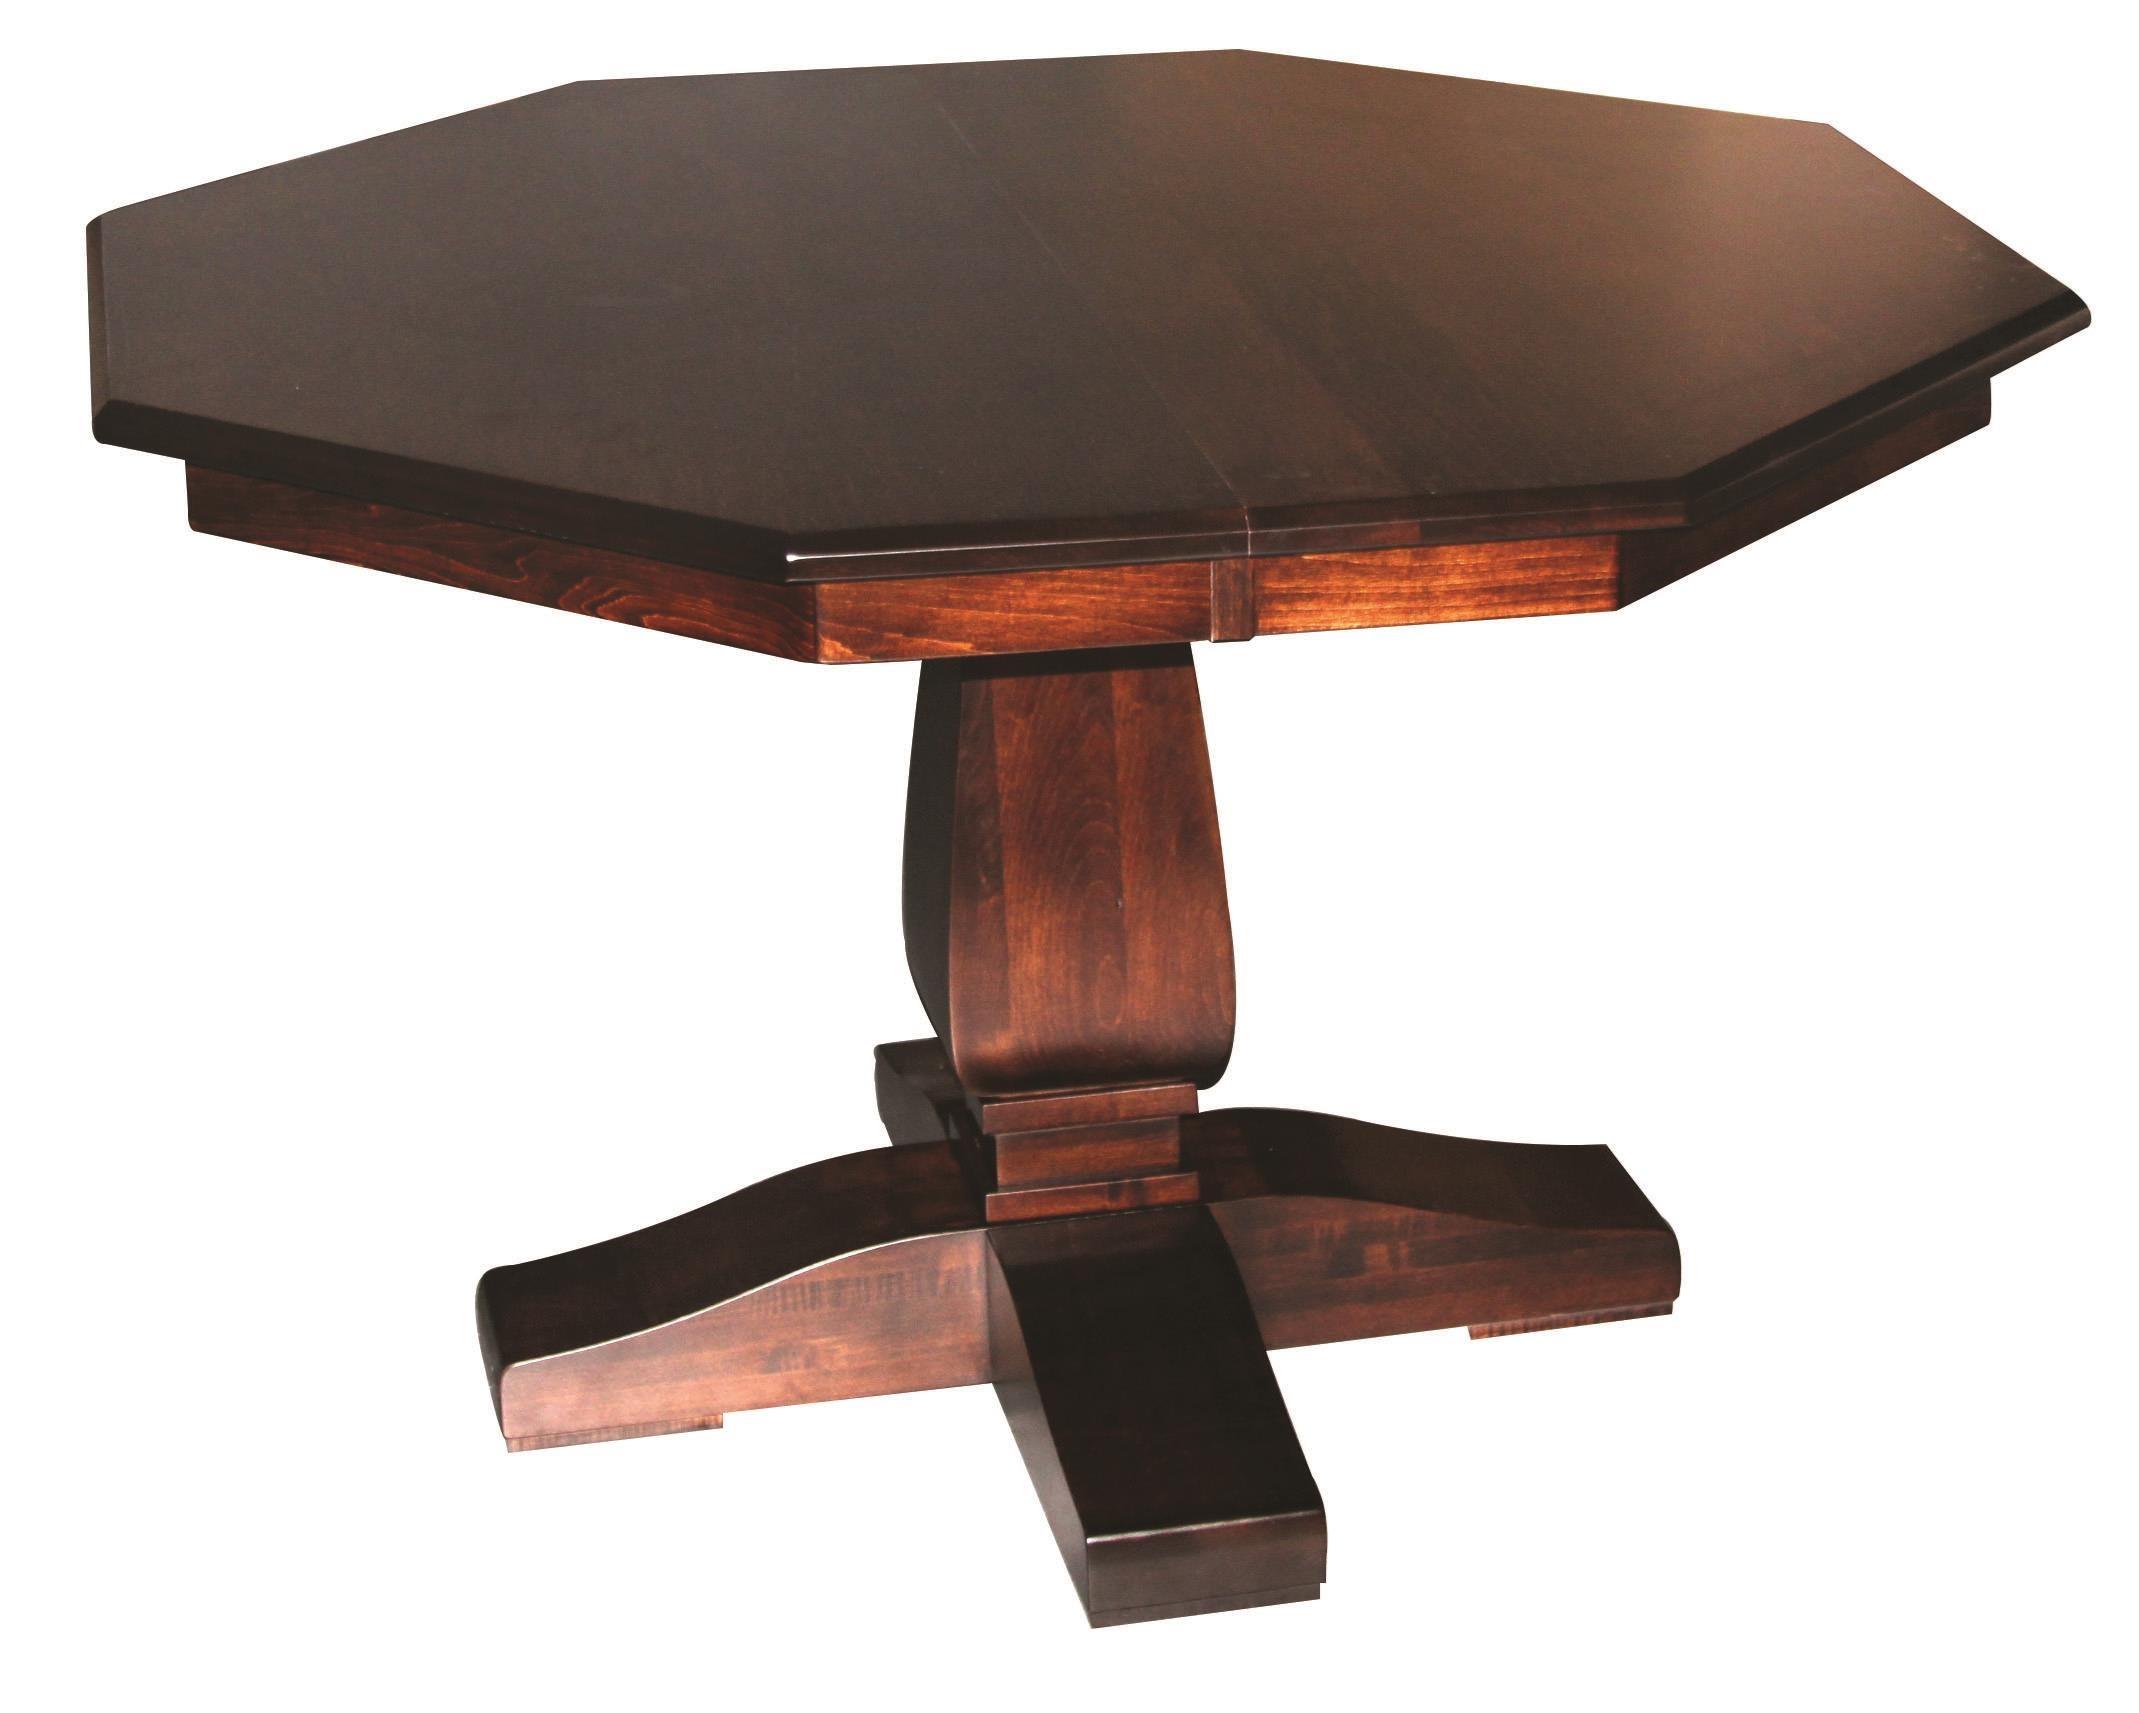 Bassett Single Pedestal Table